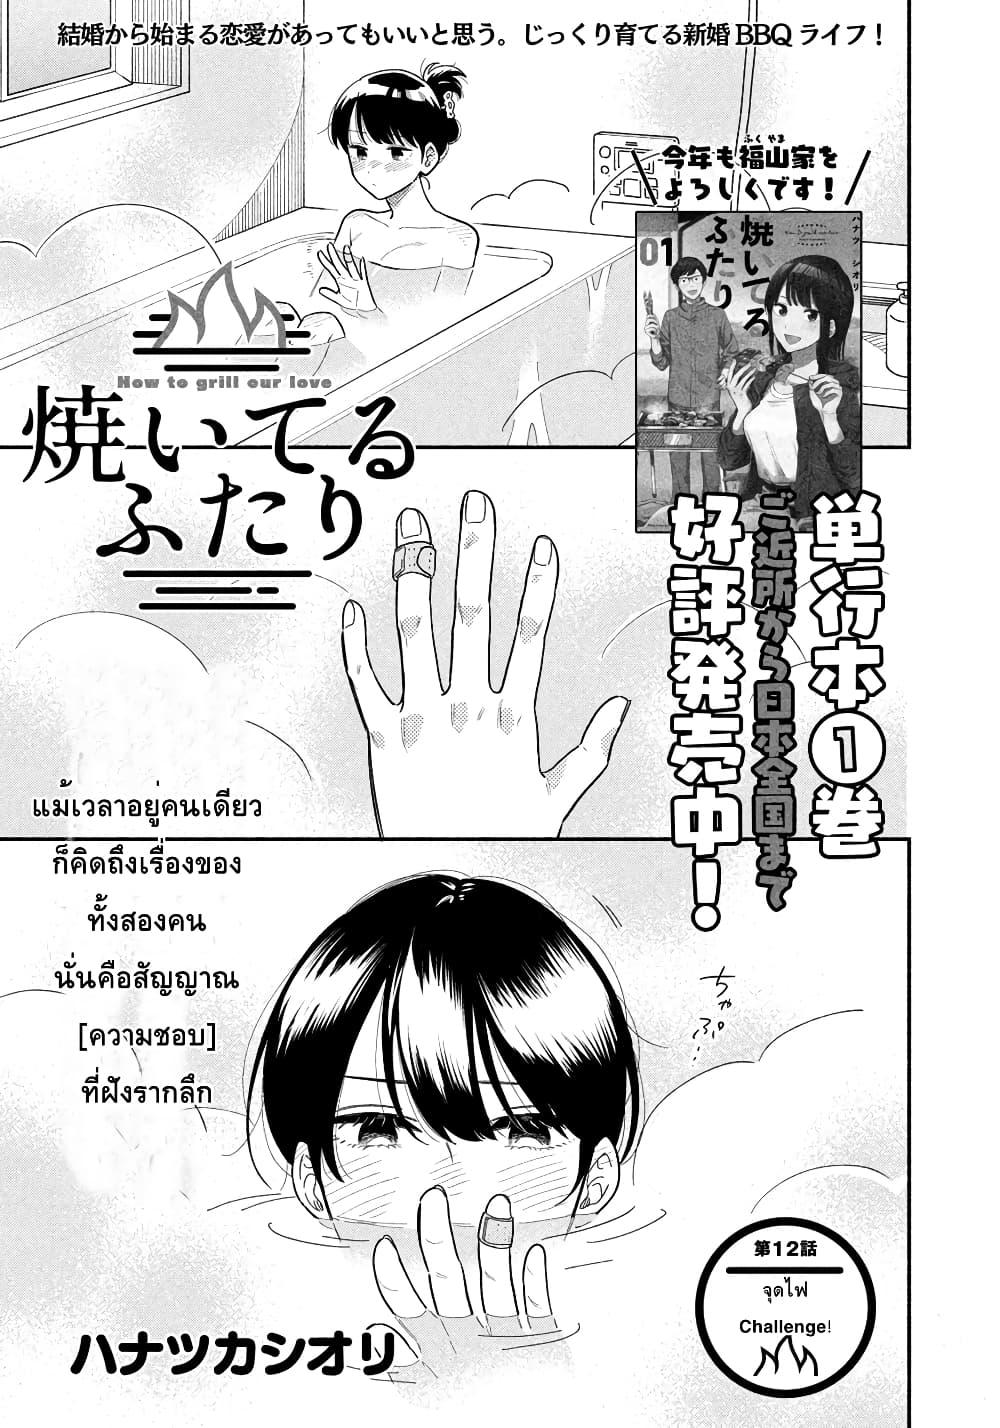 อ่านการ์ตูน Yaiteru Futari ตอนที่ 12 หน้าที่ 1